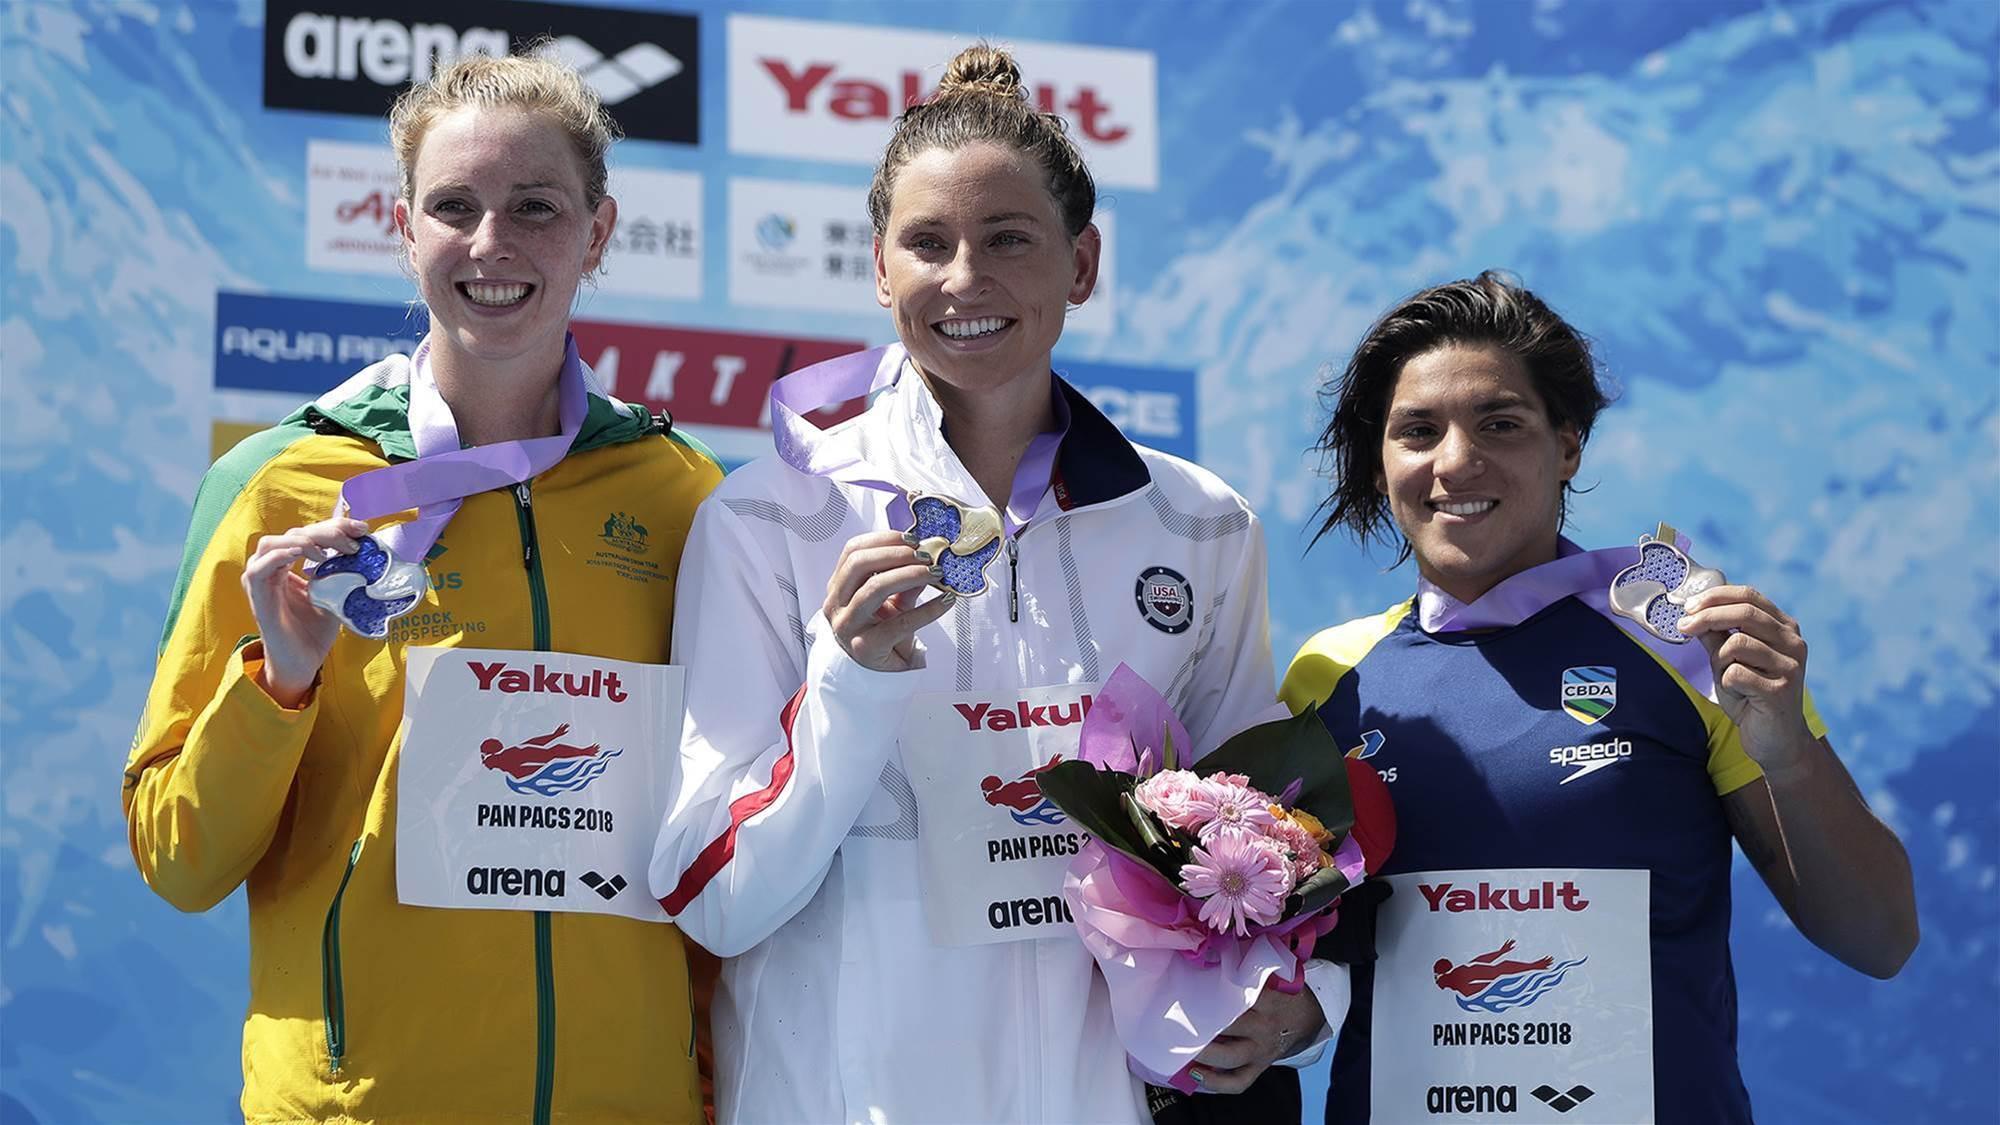 Lee brings home silver in best international performance